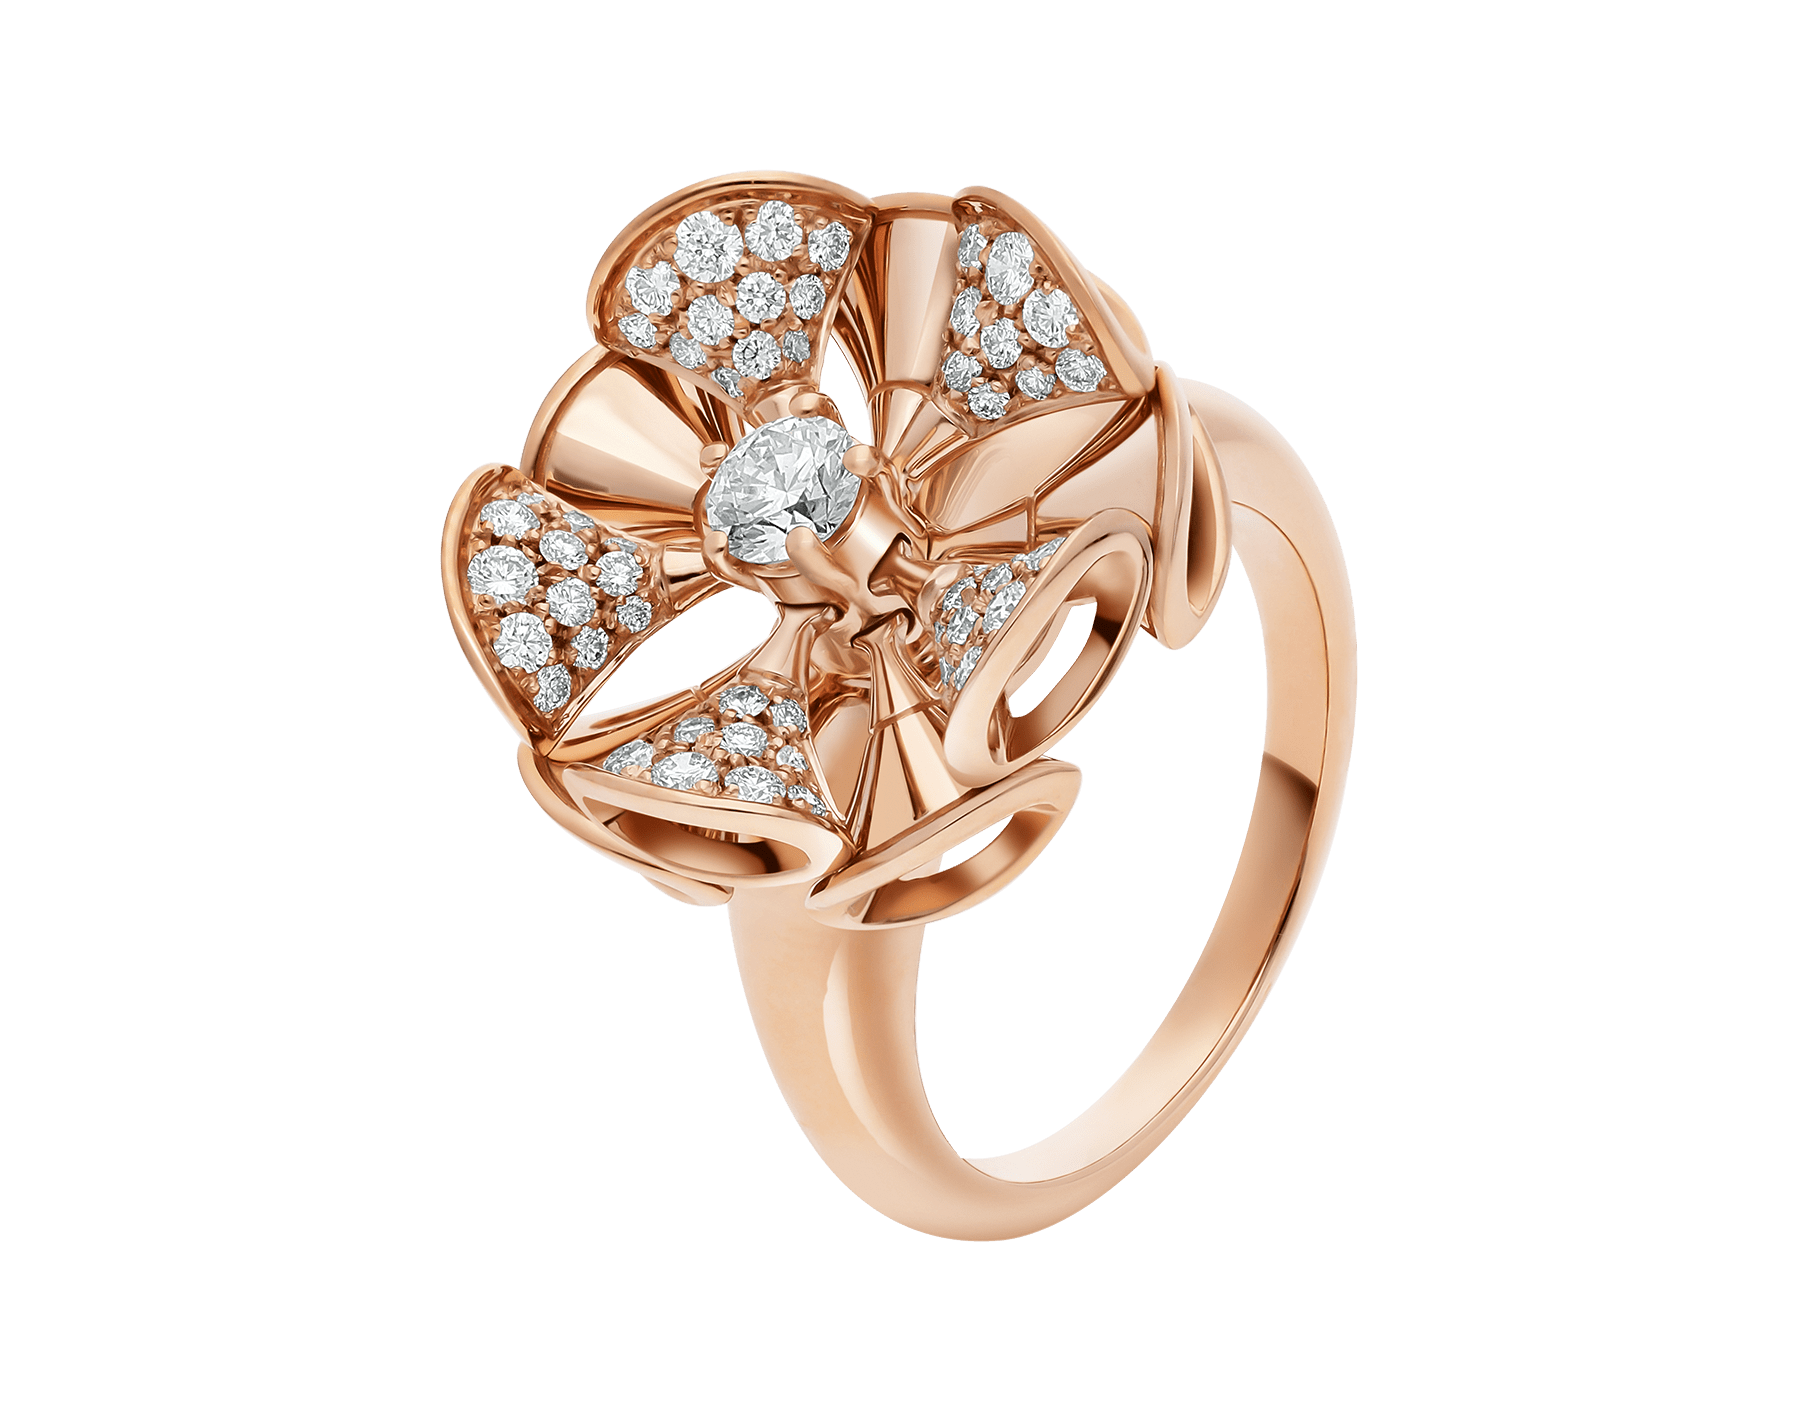 La bague DIVAS' DREAM règne en reine sur le jardin du glamour en se parant d'or rose et de pétales en pavé diamants à l'élégance florale. AN857078 image 1